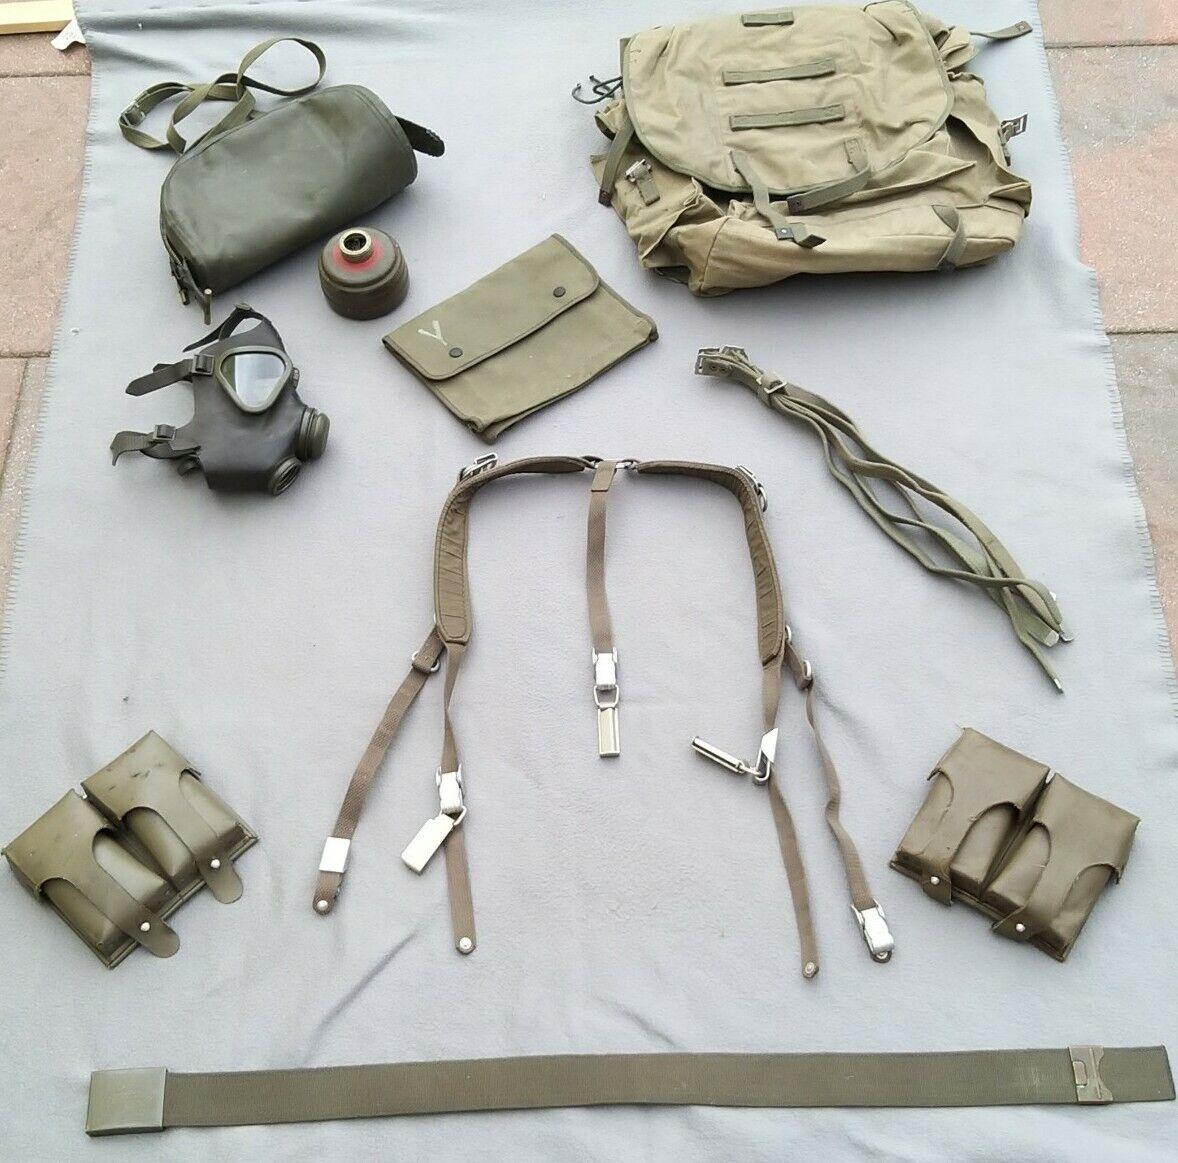 Bild 1 - Bundeswehr NATO Koppeltragegestell Magazintaschen Koppel Rödelriemen ABC